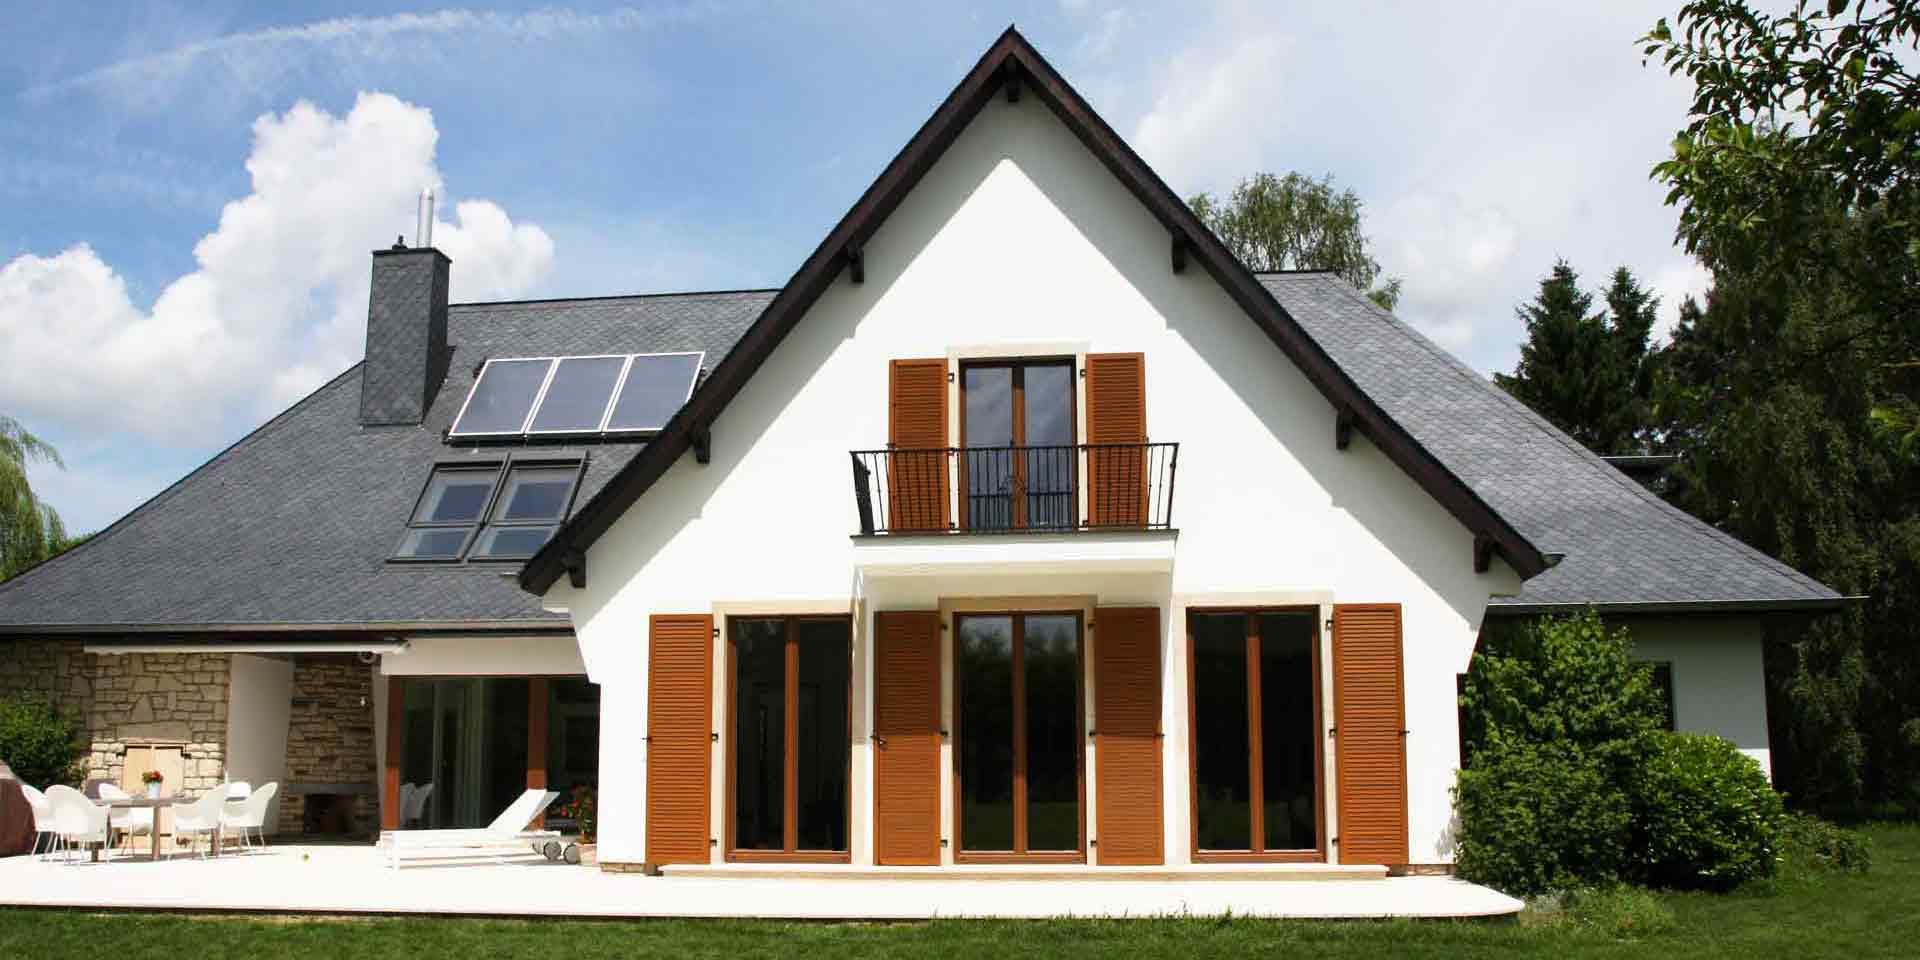 Coplaning S A Extravaganz Mit Holzfenstern Und Klappladen